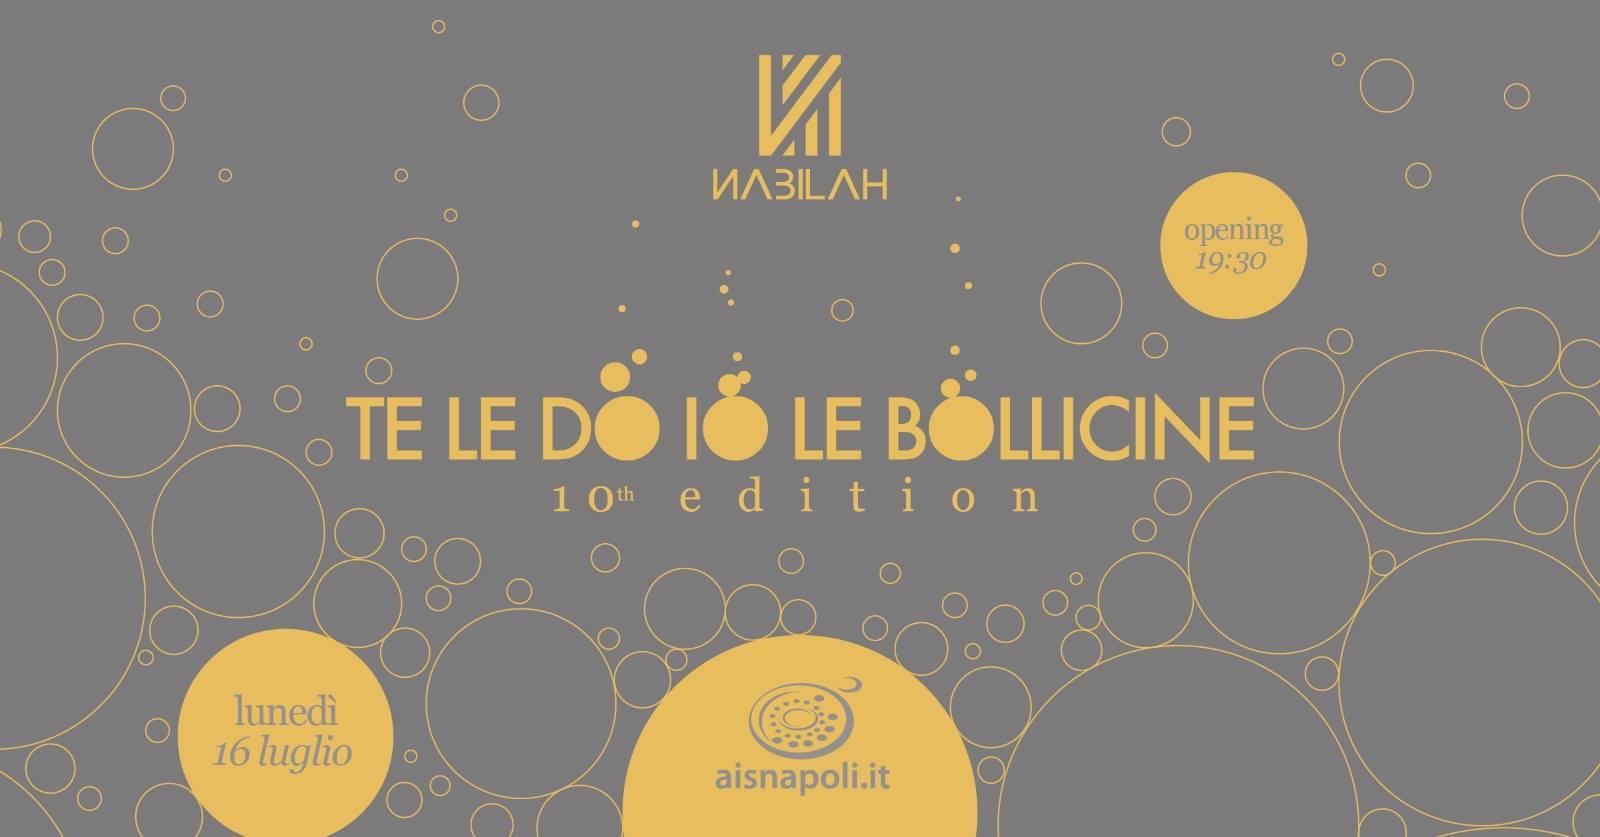 Te Le Do Io Le Bollicine 2018 - X edizione